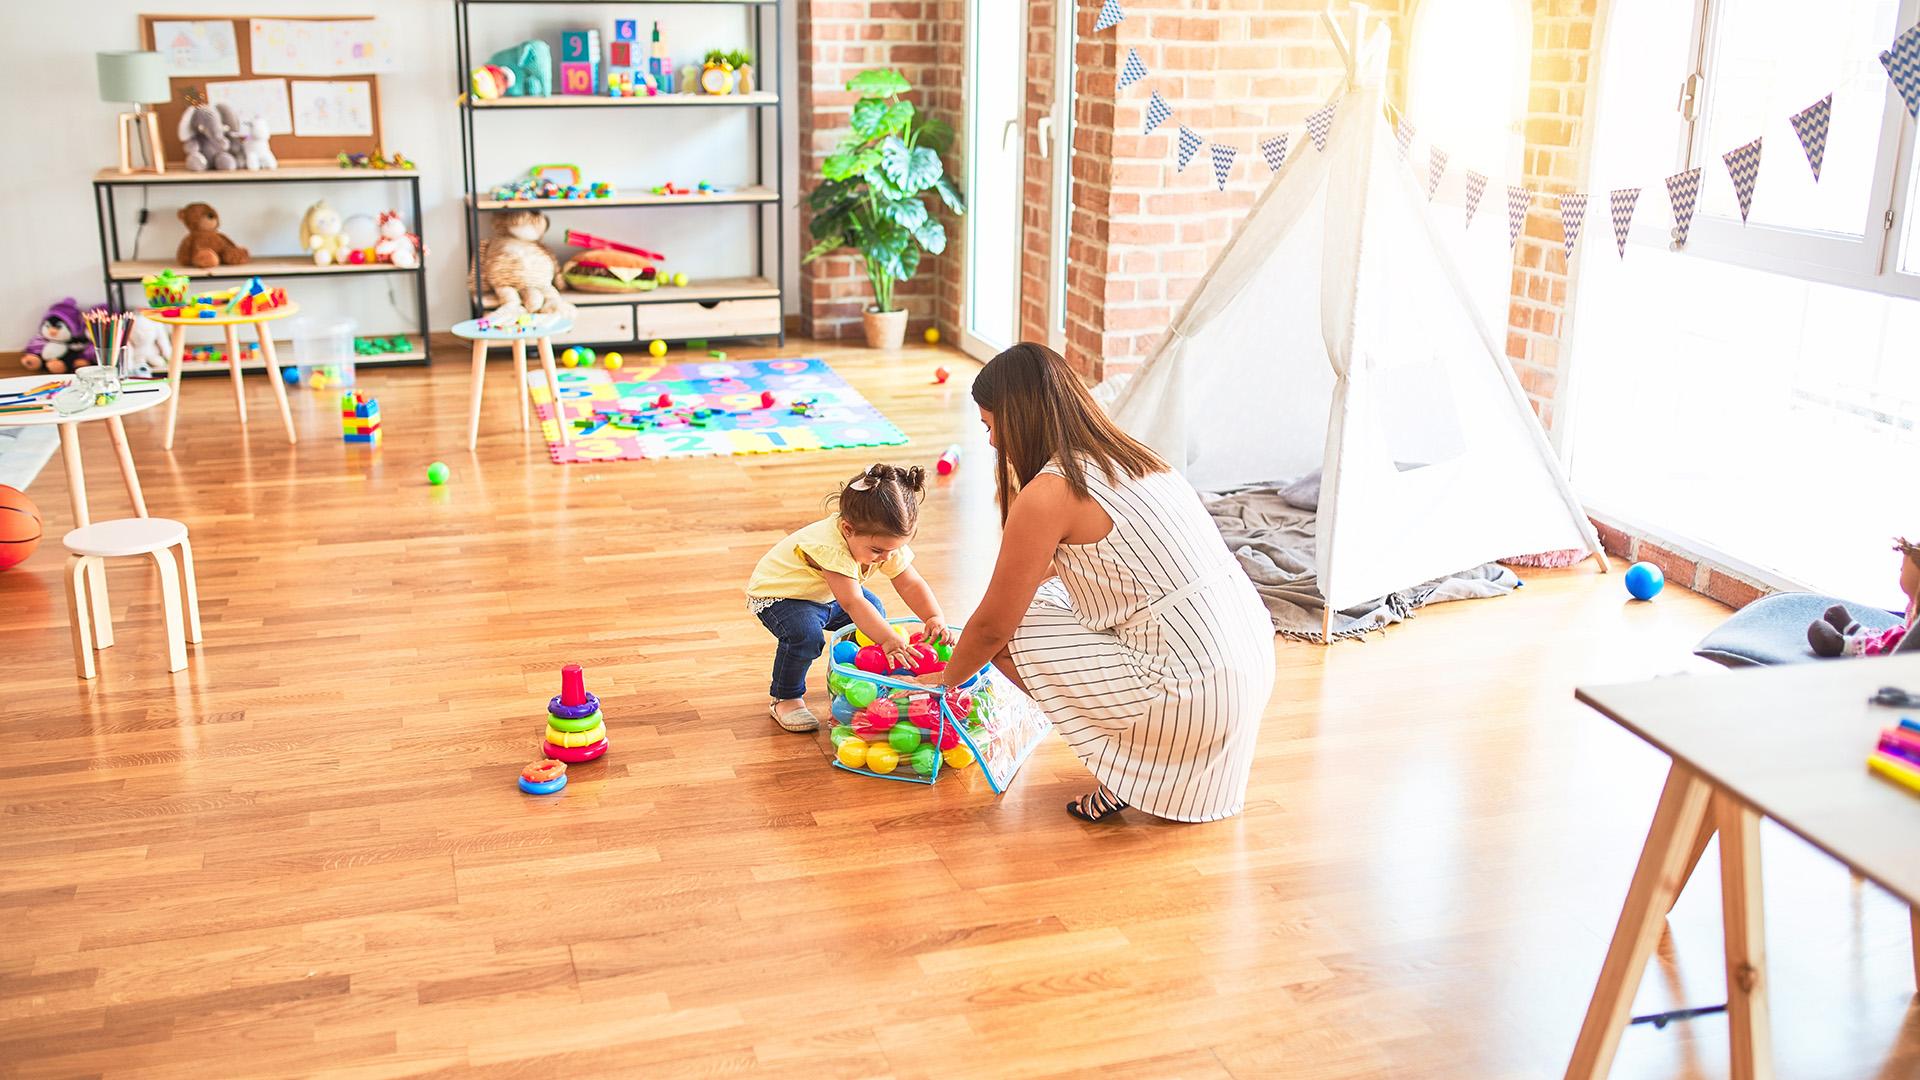 bata kata gyerek házimunka játék játékos hangulat kamasz szerviz vezető szakembere kamaszkor következetesség napirend orsolics zénó példamutatás rend rendrakás rendszer szülő türelmetlenség